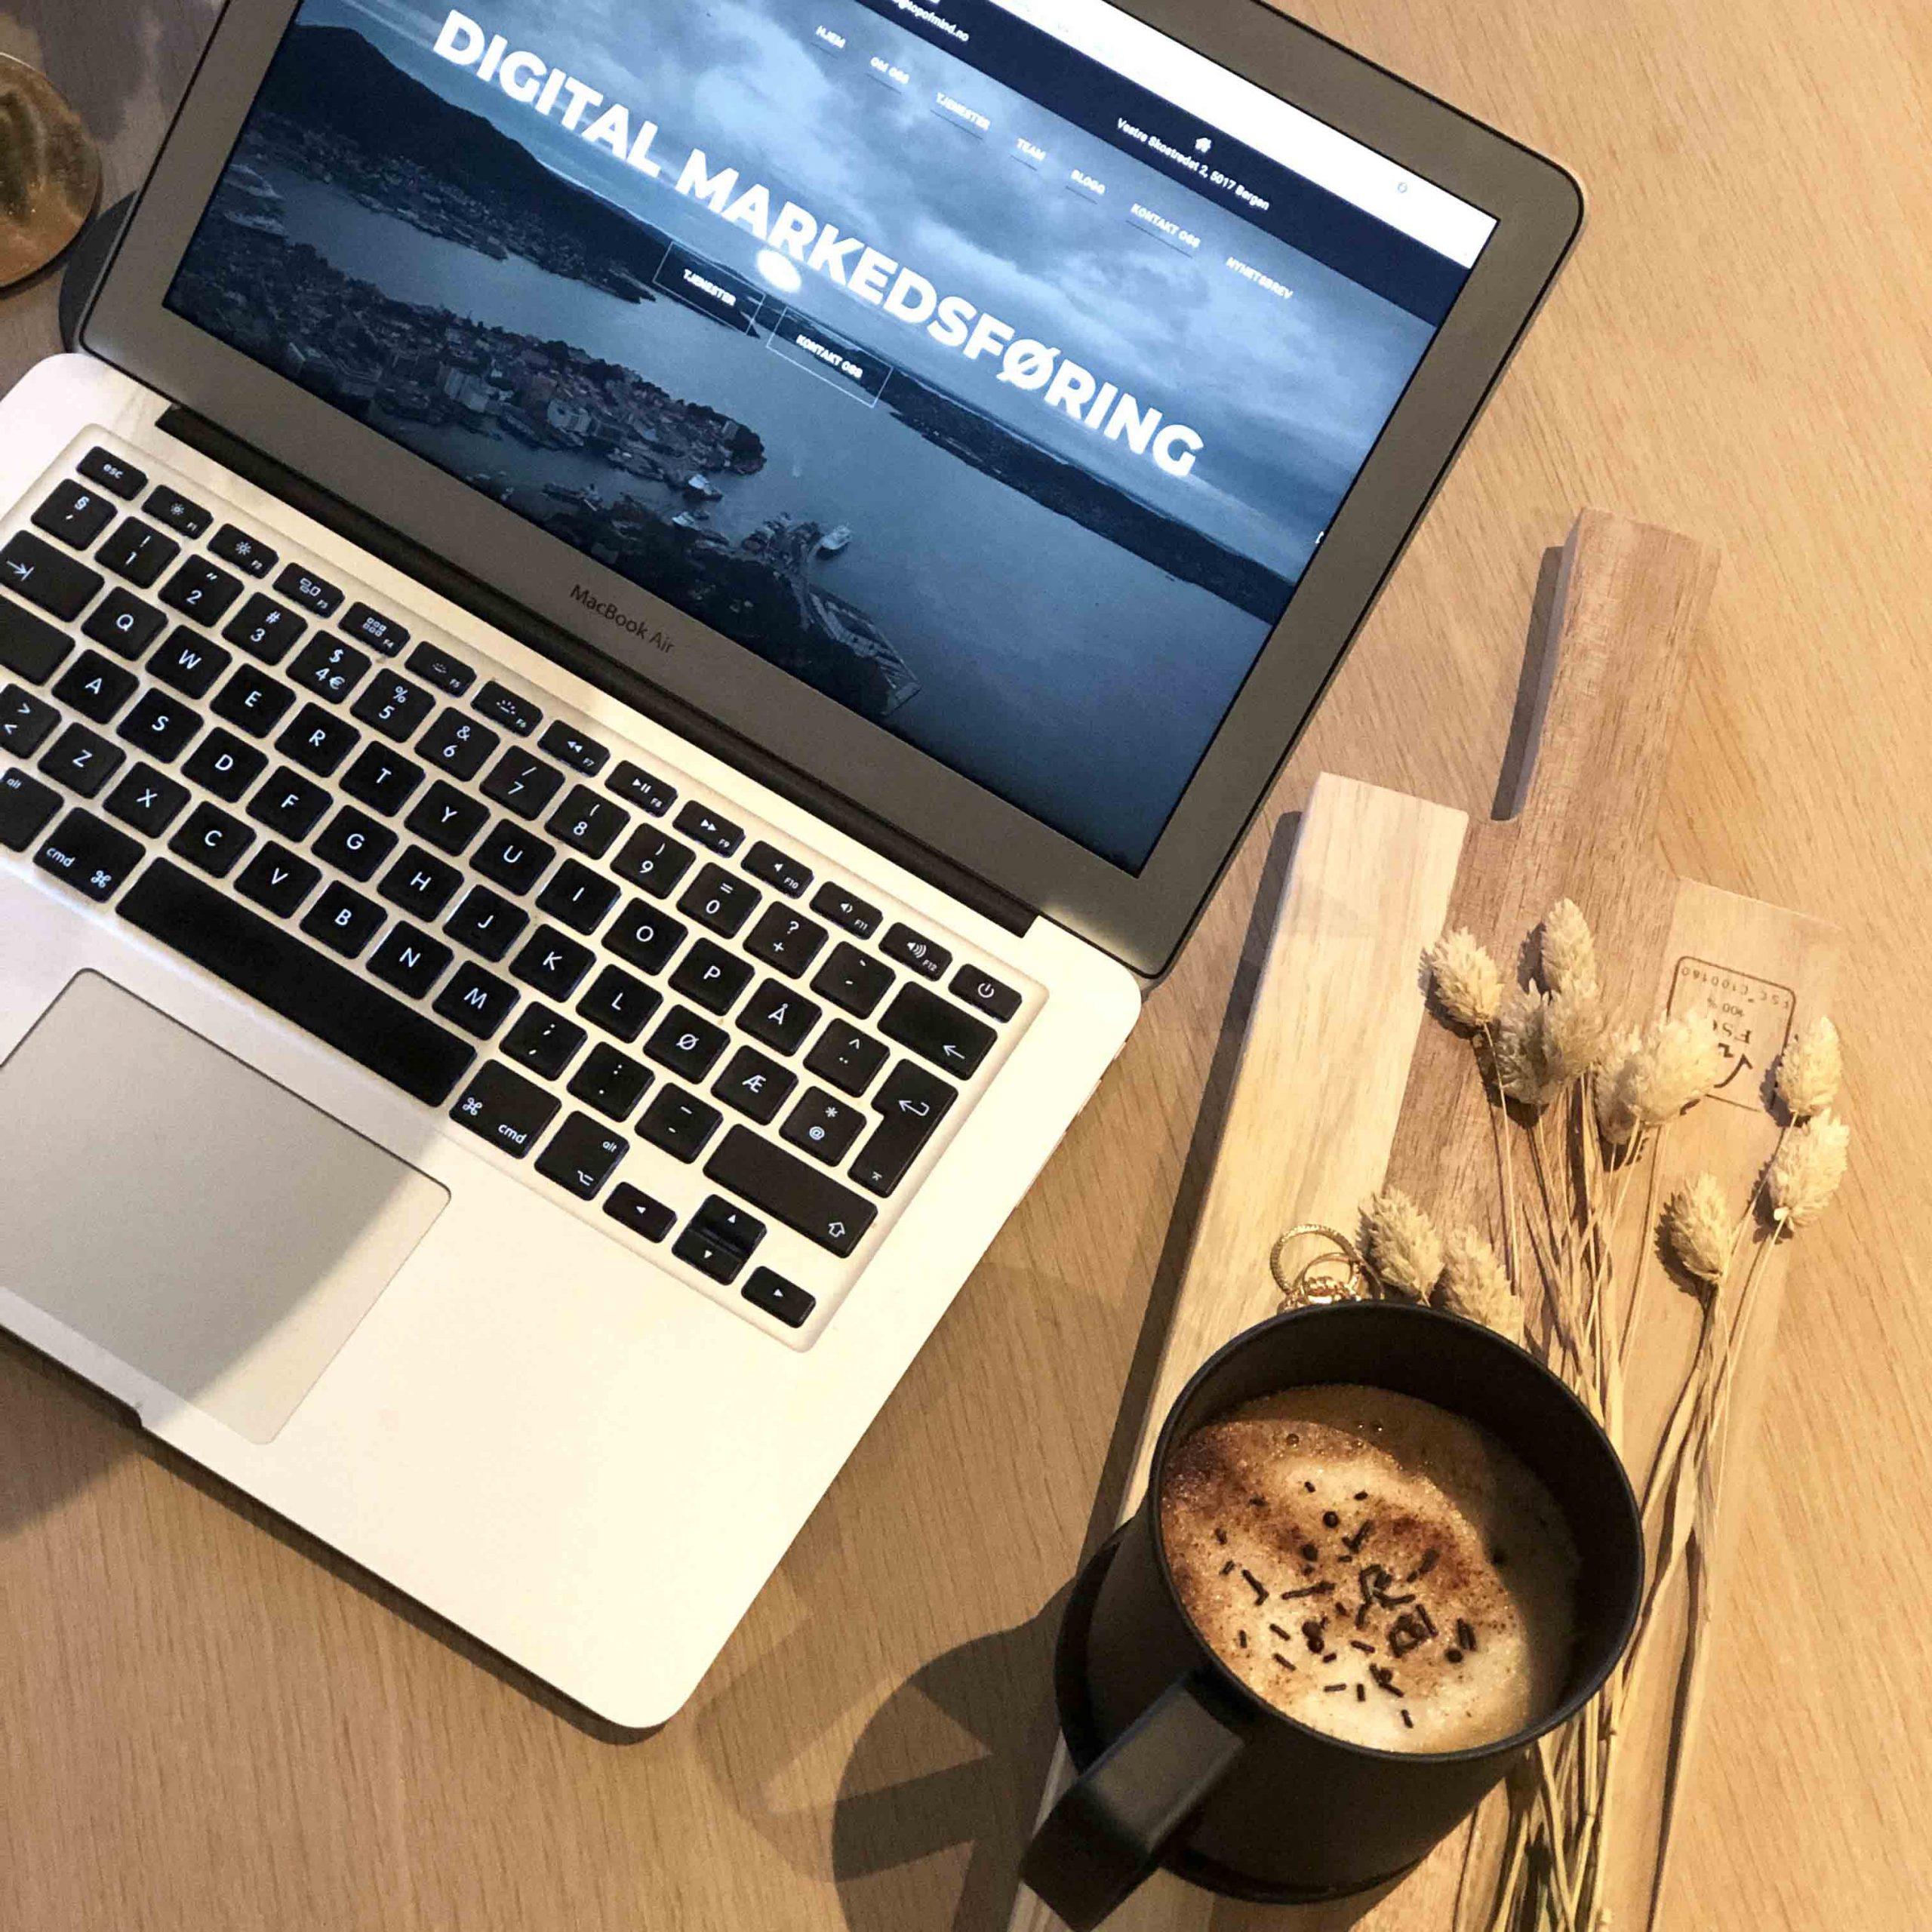 Datamaskin og kaffe